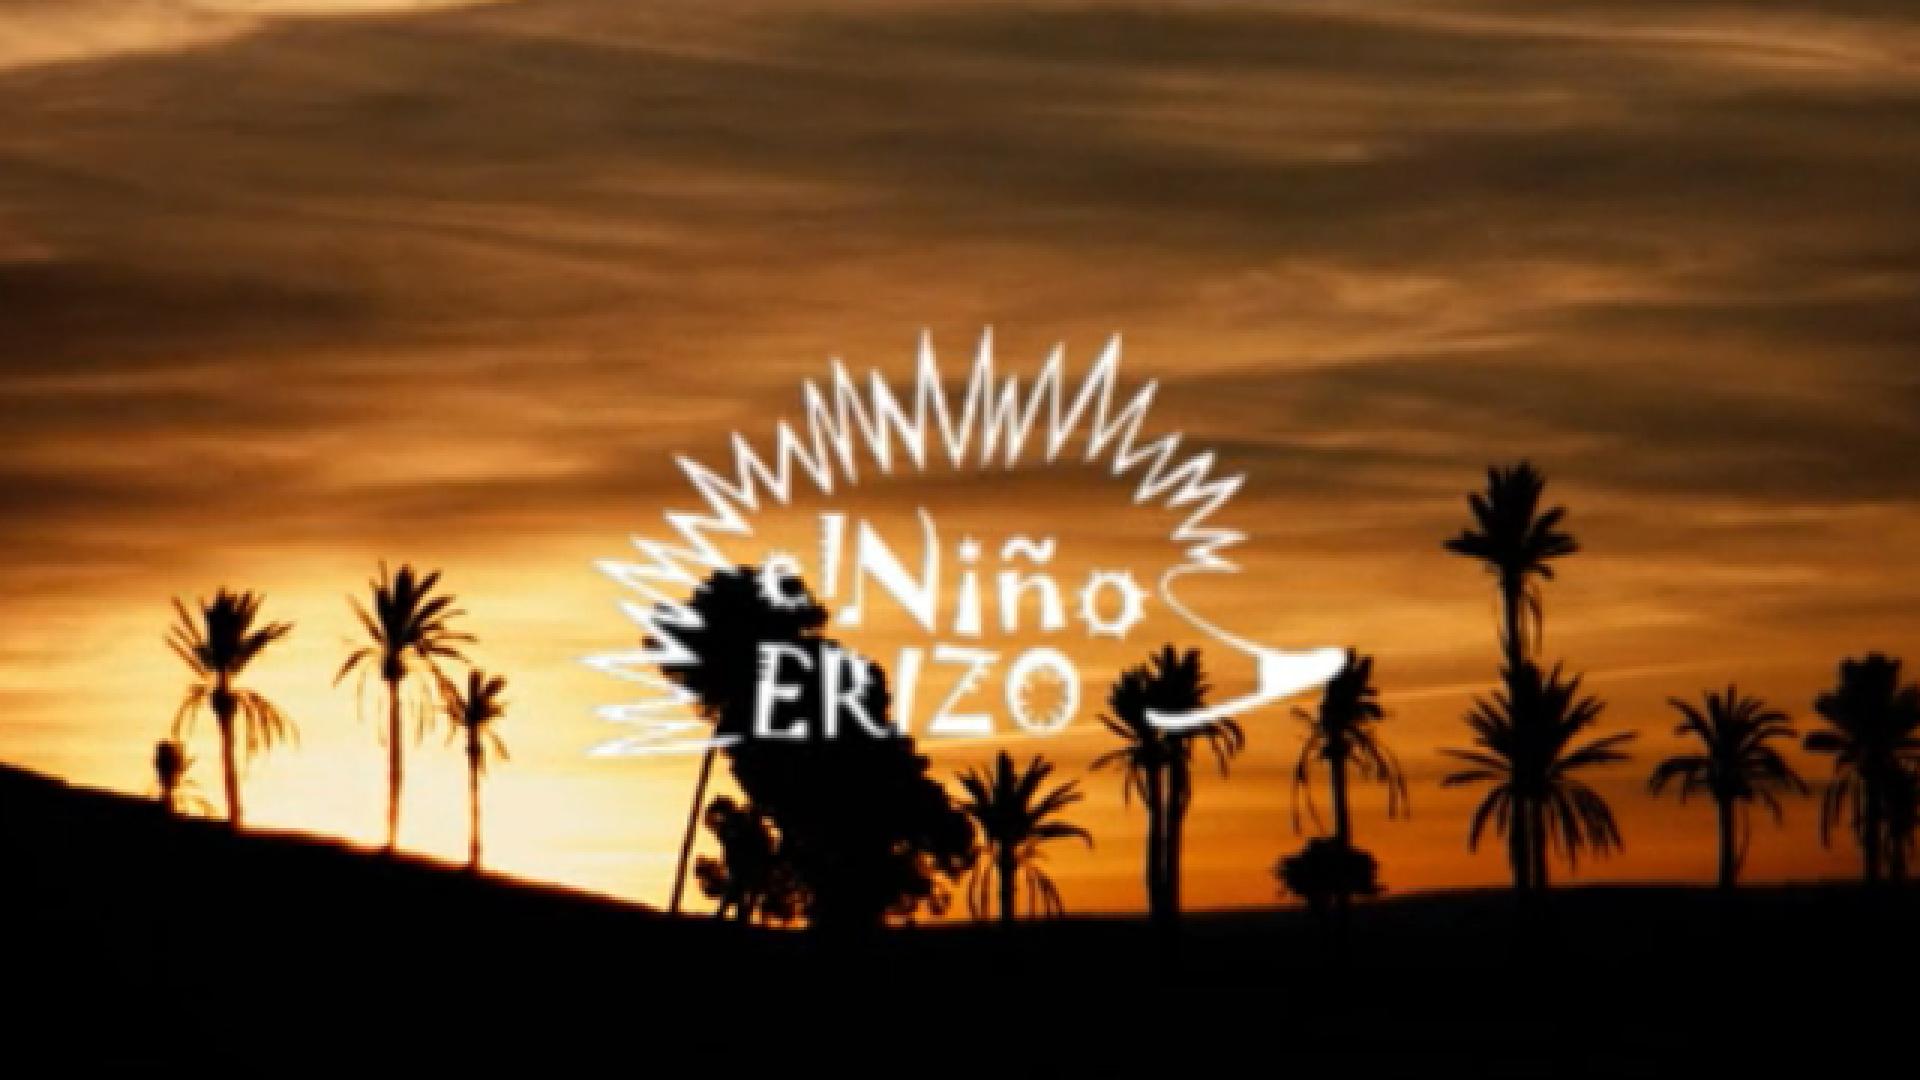 El Niño Erizo – Simetrías en el espacio